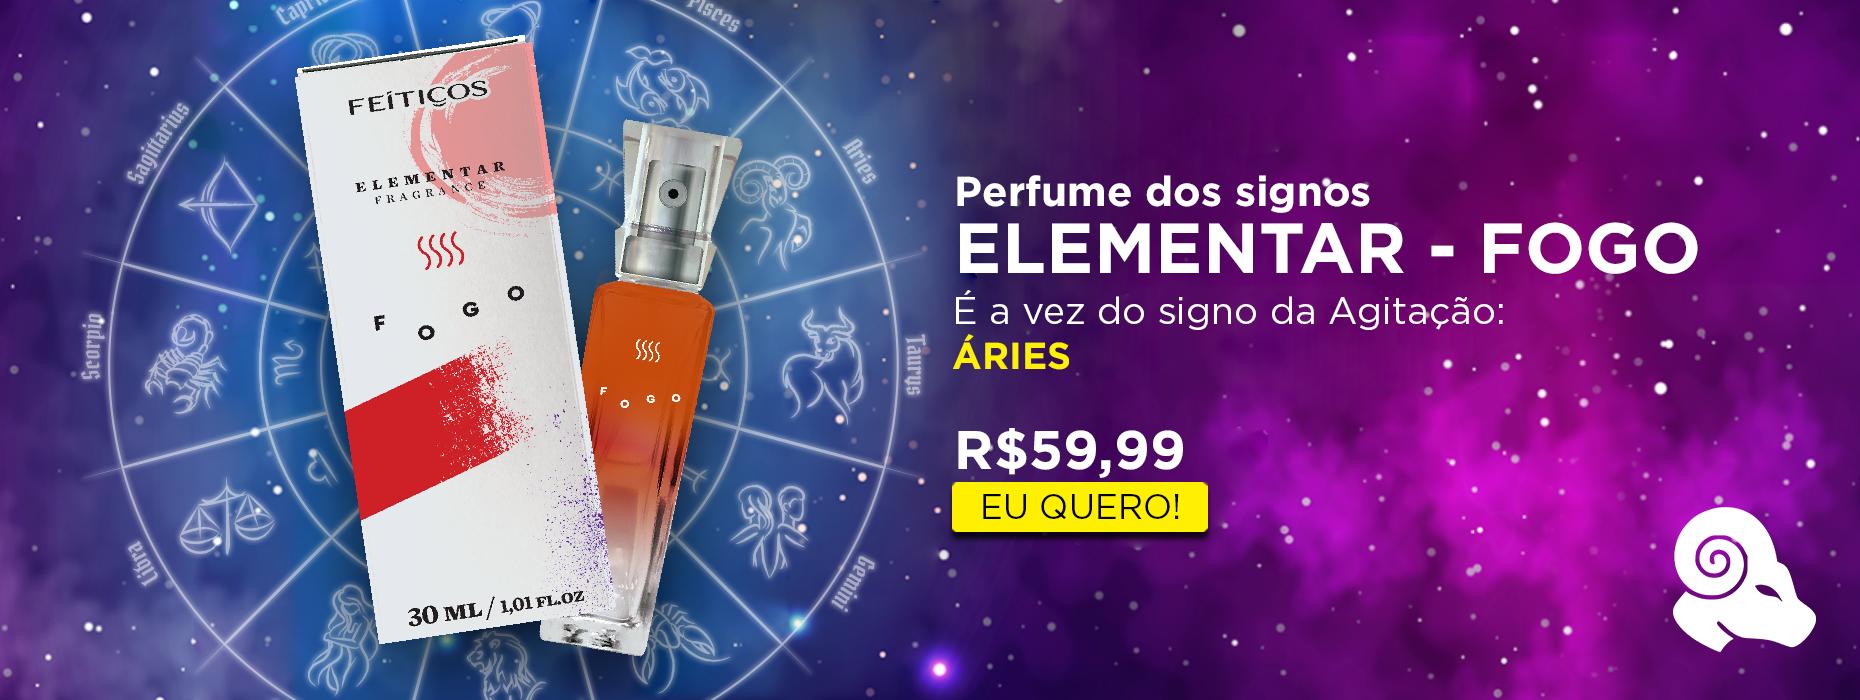 Perfume dos Signos - Elementar Fogo - Áries